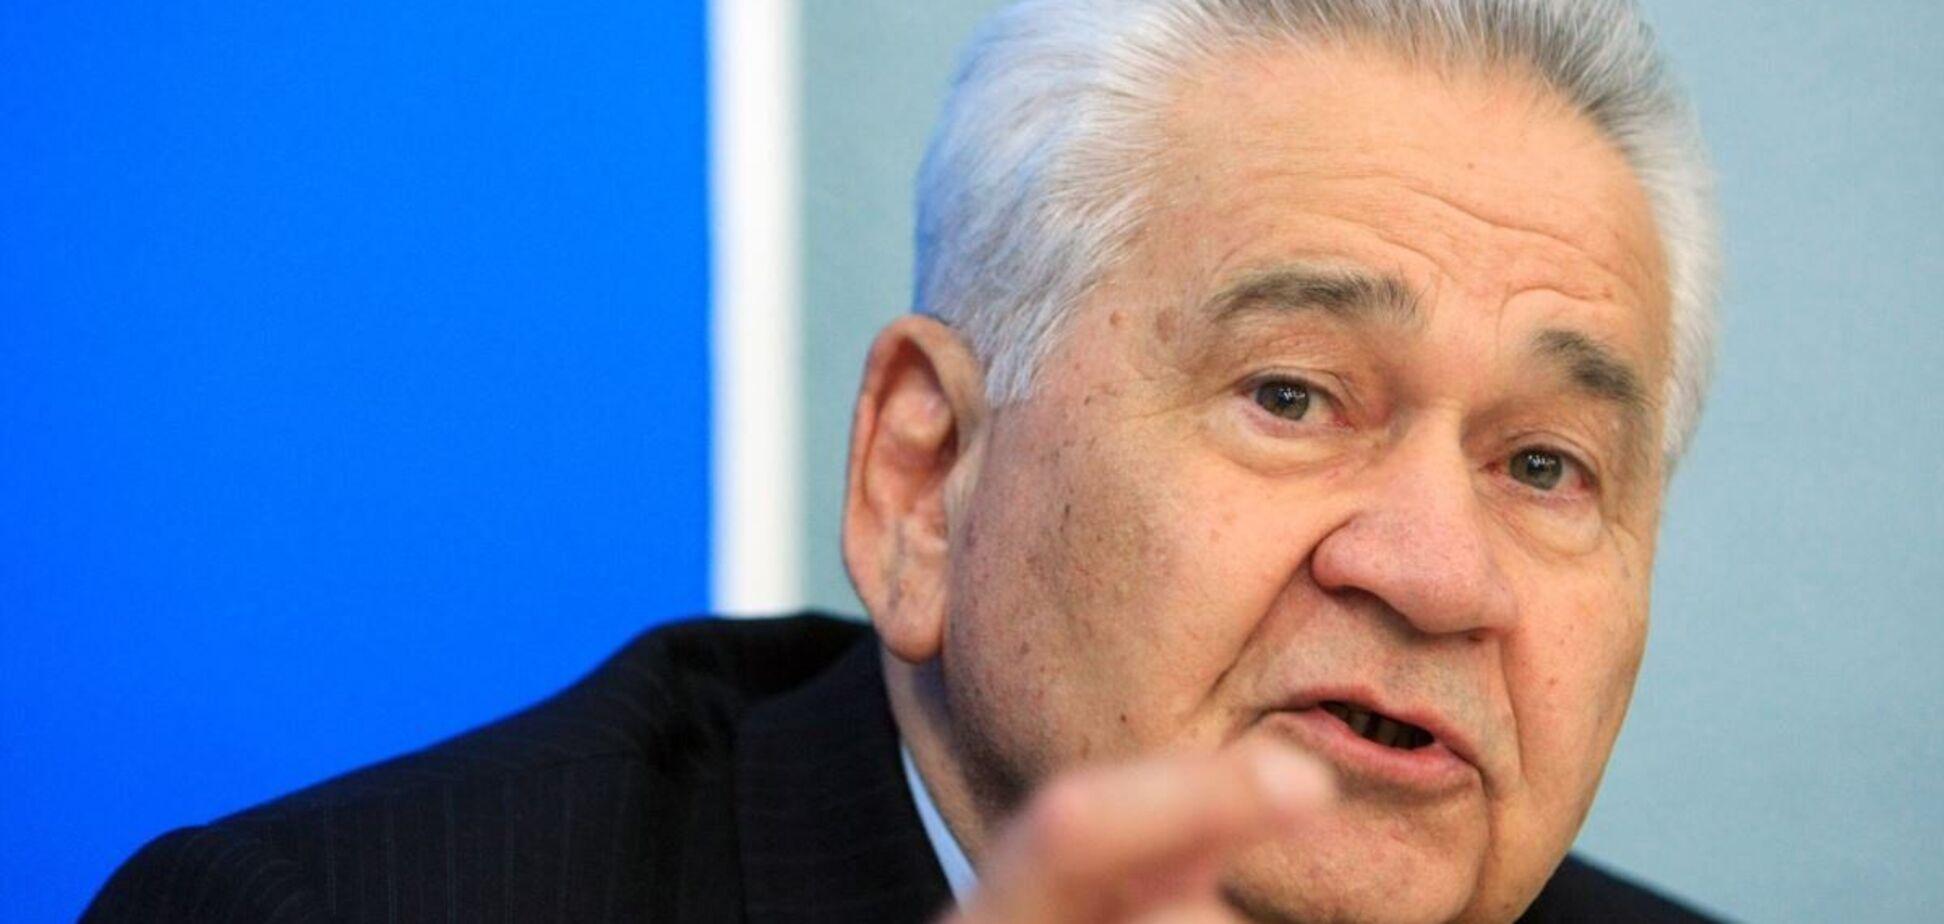 Витольд Фокин заявил, что не видит войны между Россией и Украиной